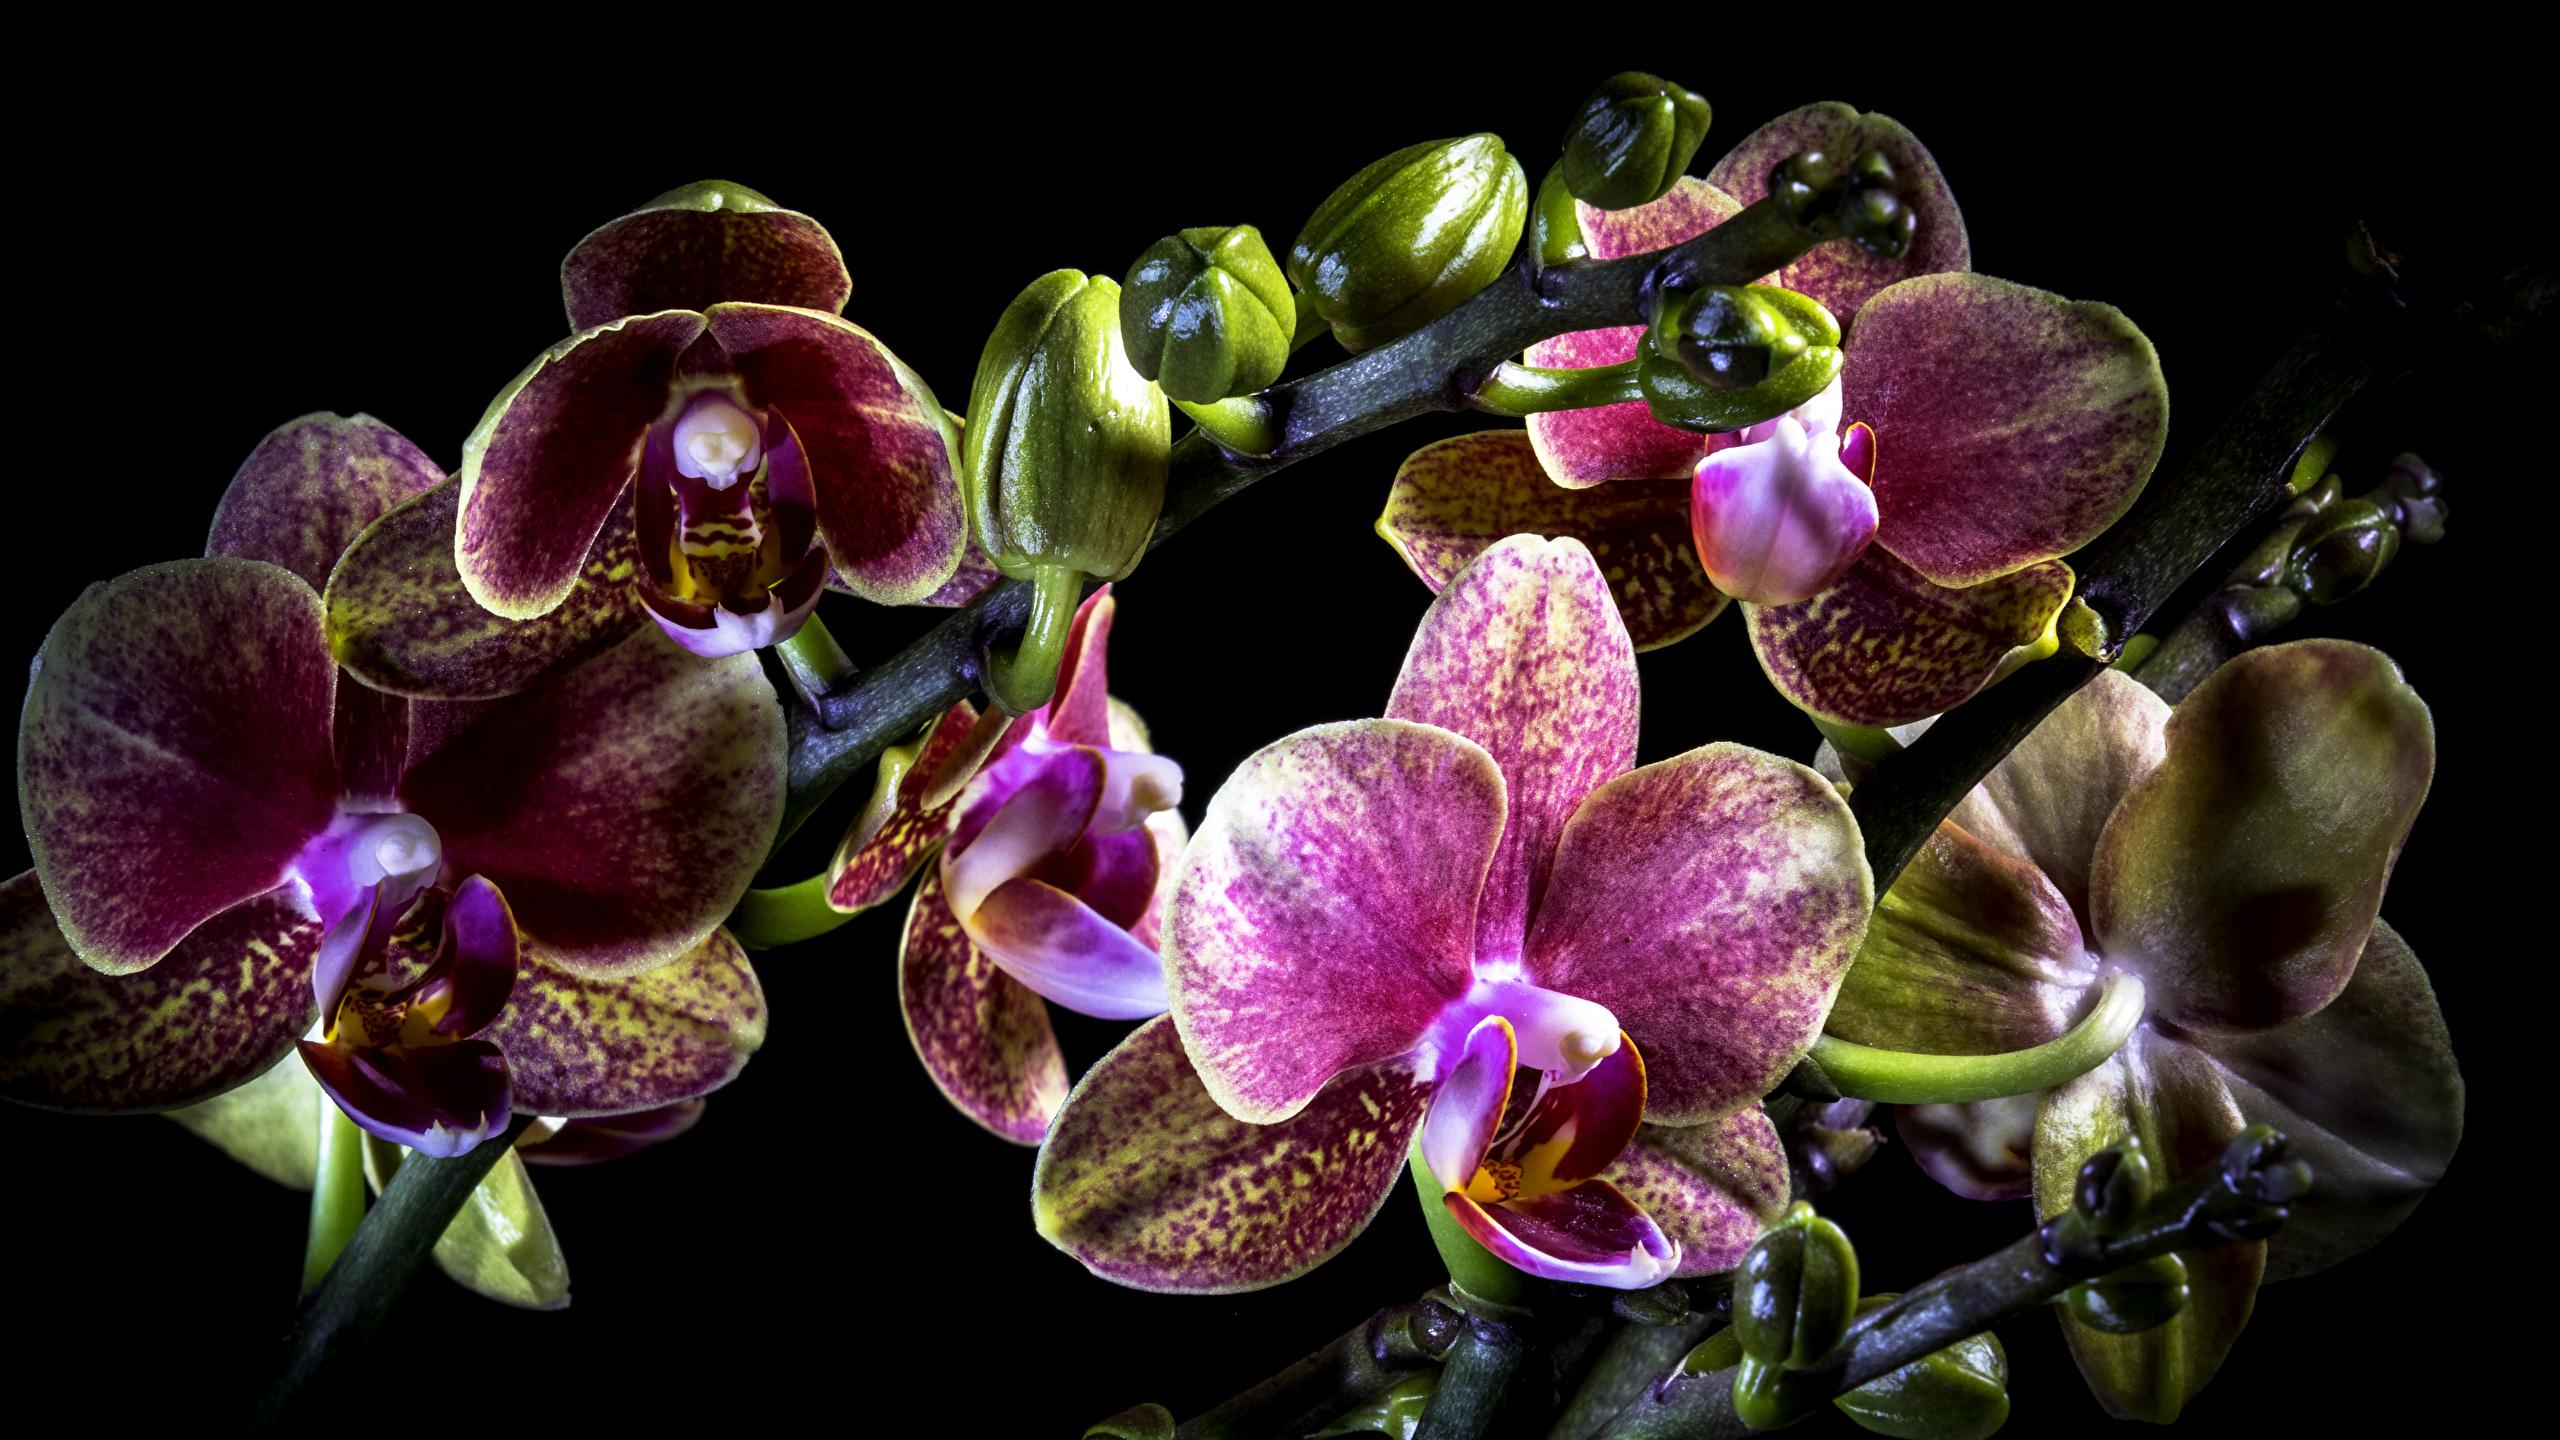 Фото Орхидеи Цветы вблизи Черный фон 2560x1440 цветок на черном фоне Крупным планом